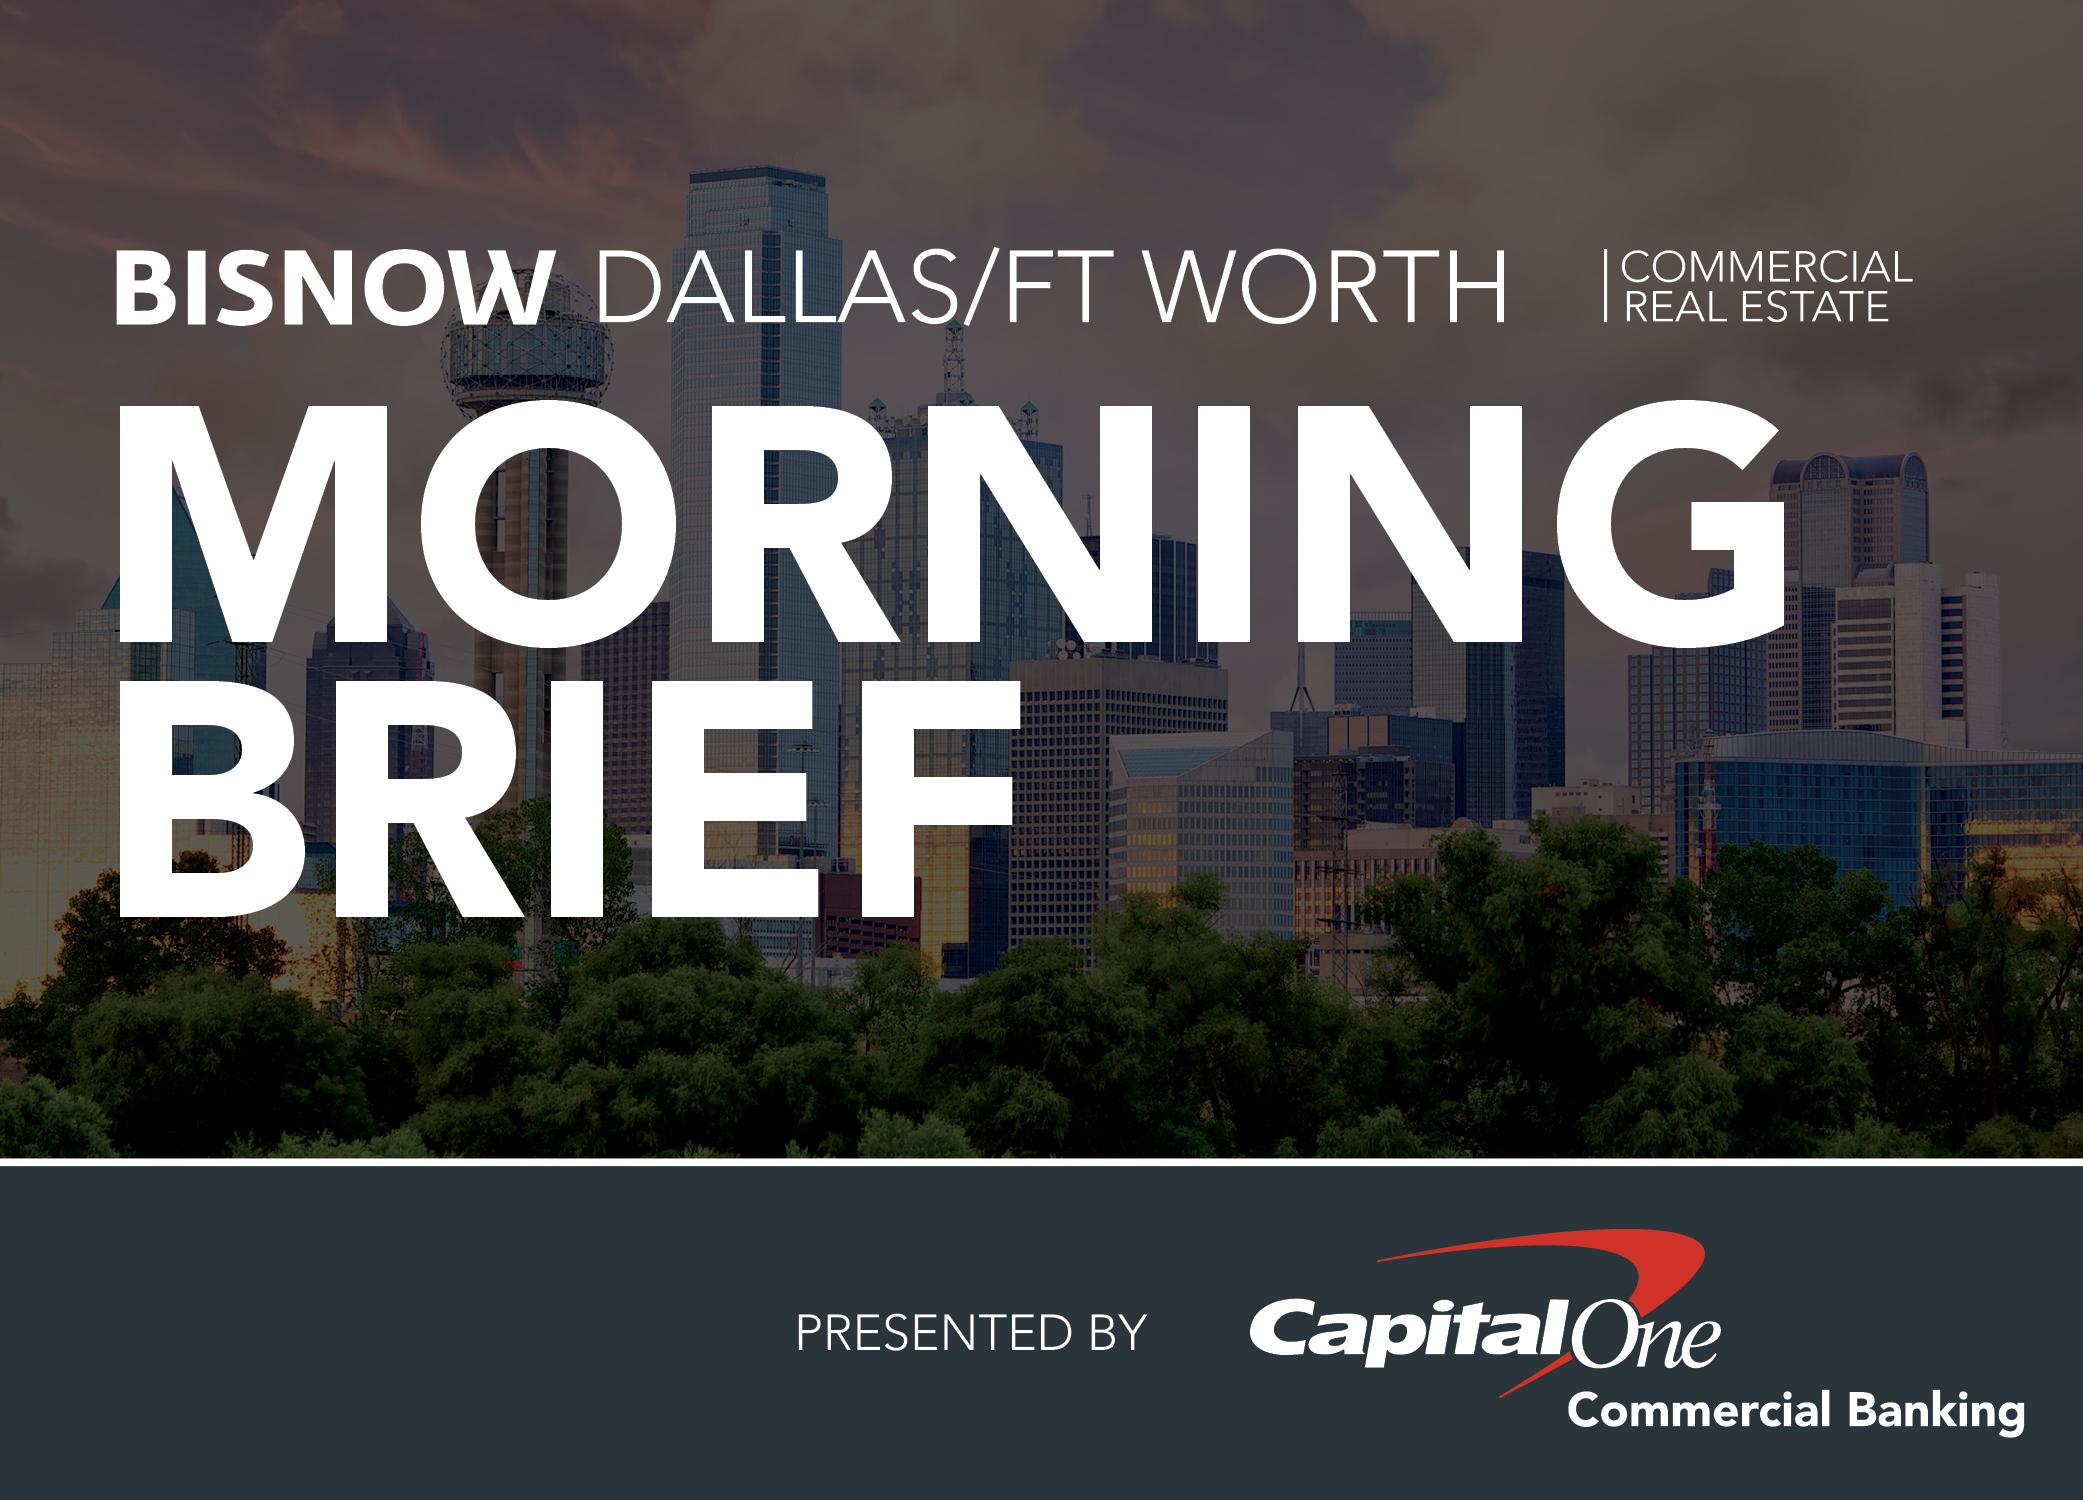 Bisnow Morning Brief DFW